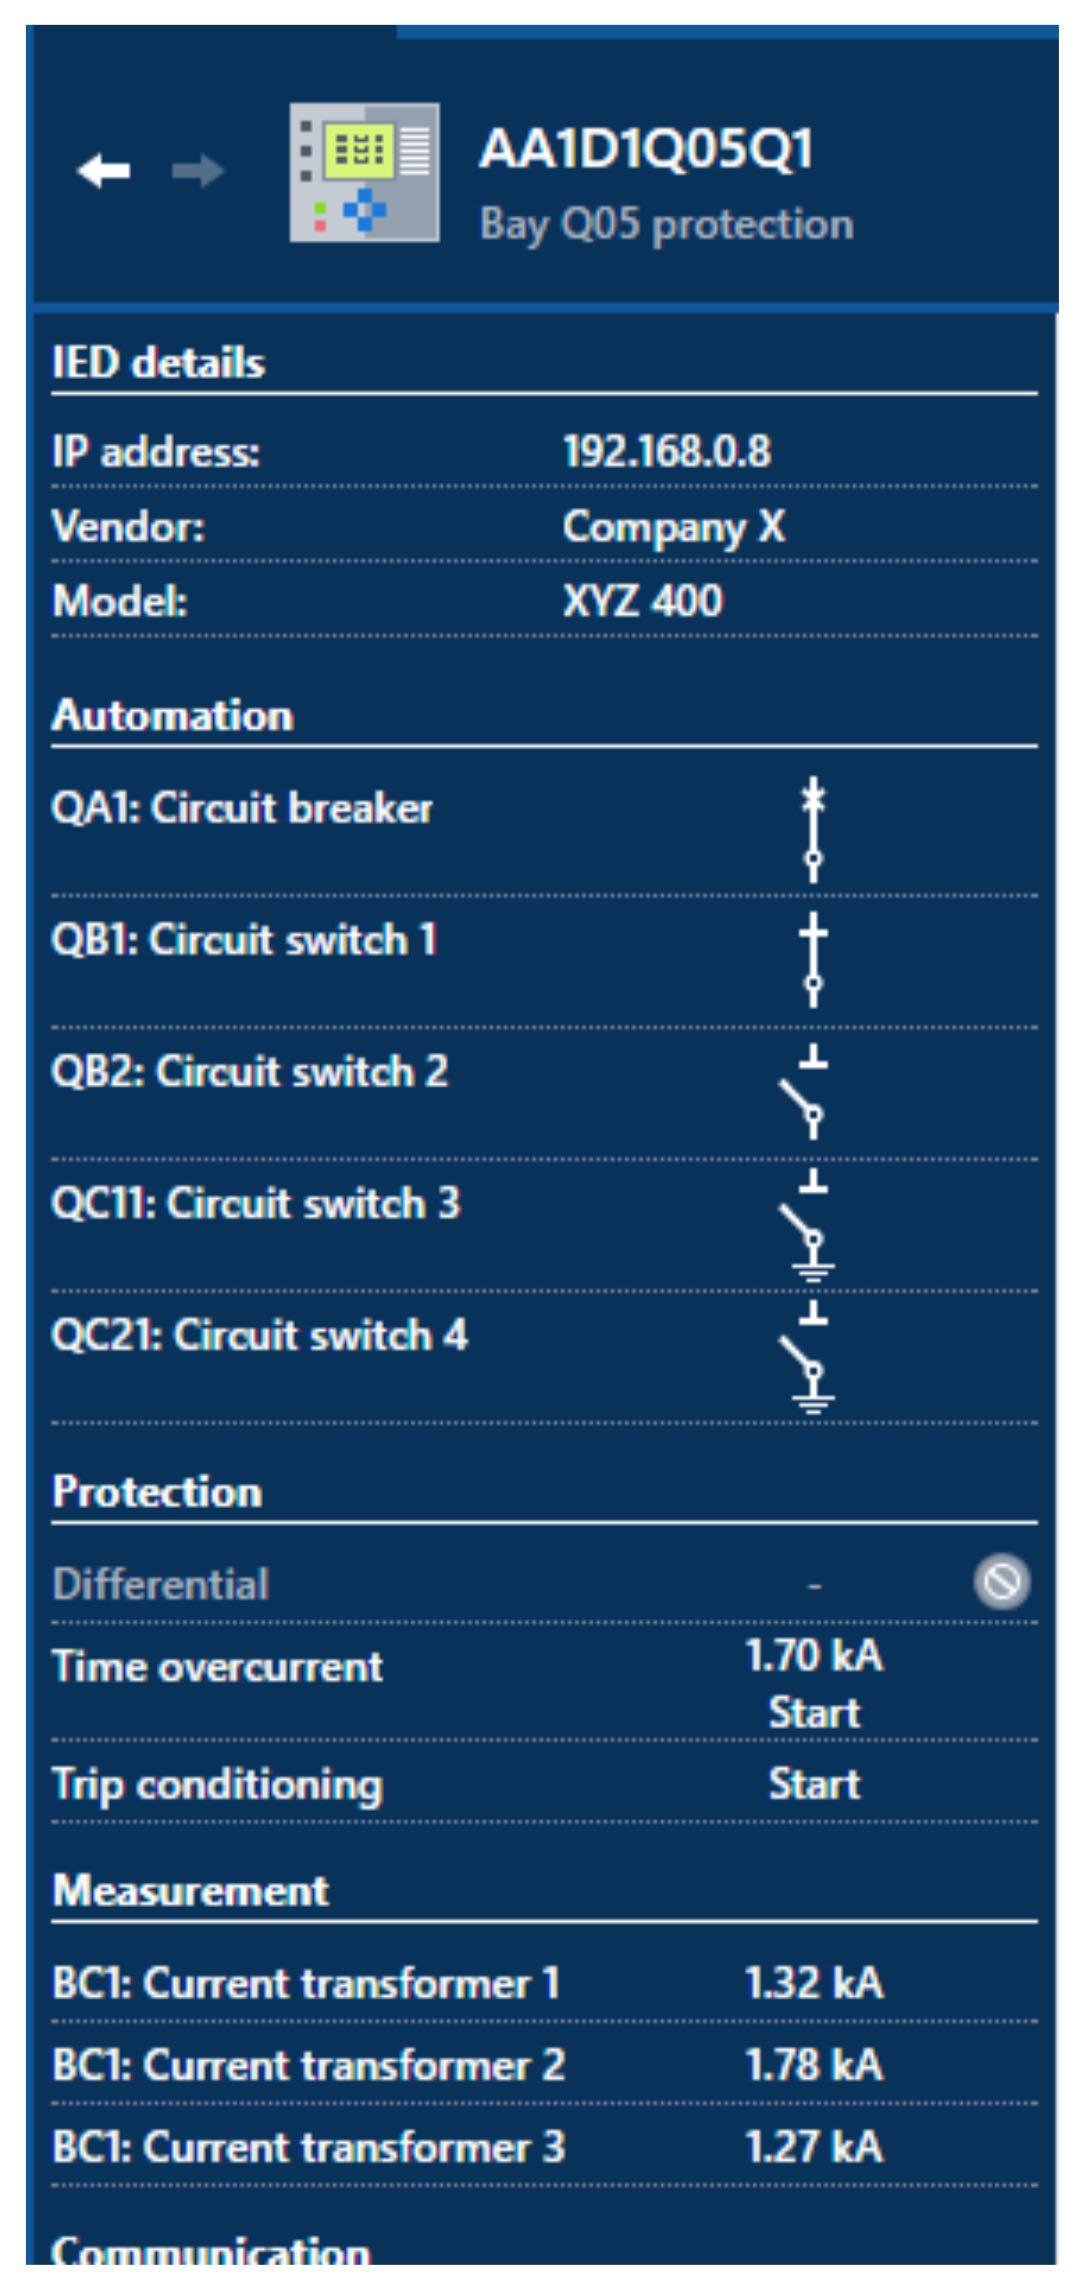 IEC61850, IEC 61850, Testing IEC61850. Testing IEC 61850, Thomas Schossig, Omicron, Electrical Engineering Academy